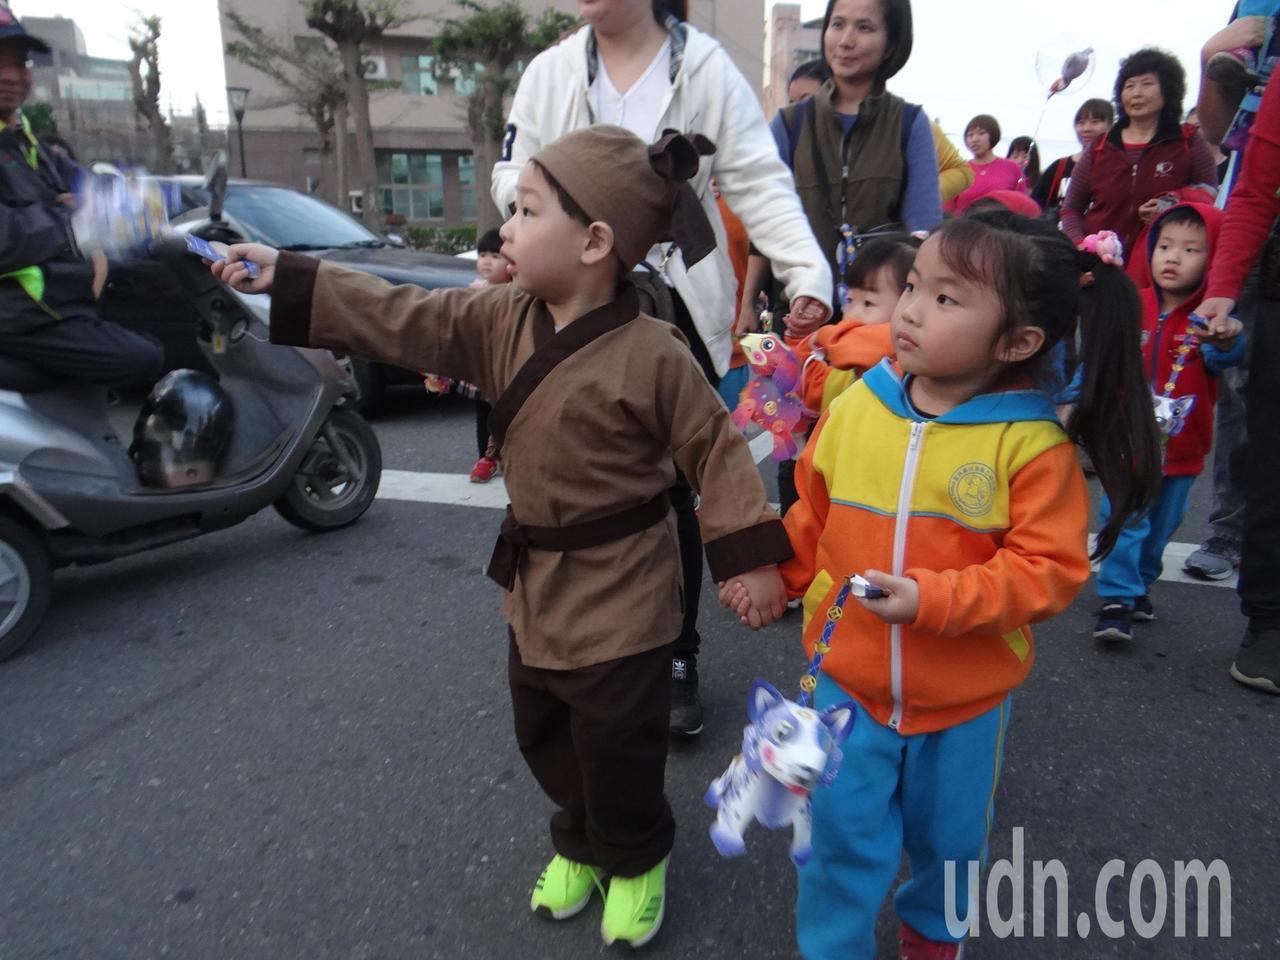 台灣燈會原鄉的北港仍保有流傳千年的提燈踩街,超可愛的小朋友還古裝打扮慶元宵,相當...